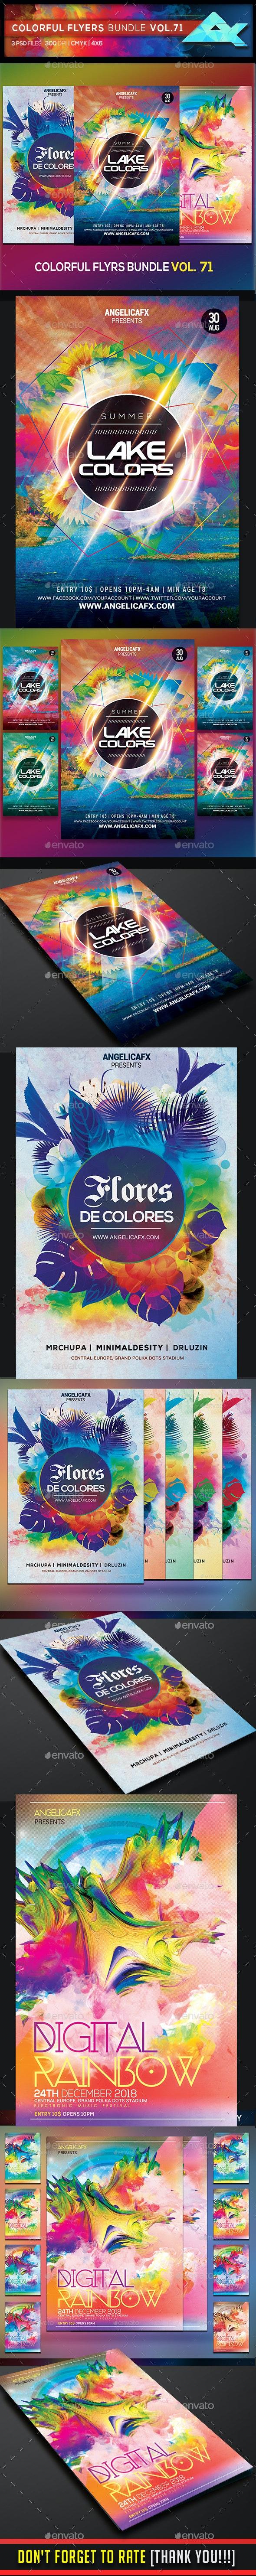 Colorful Flyers Bundle Vol. 71 - Flyers Print Templates